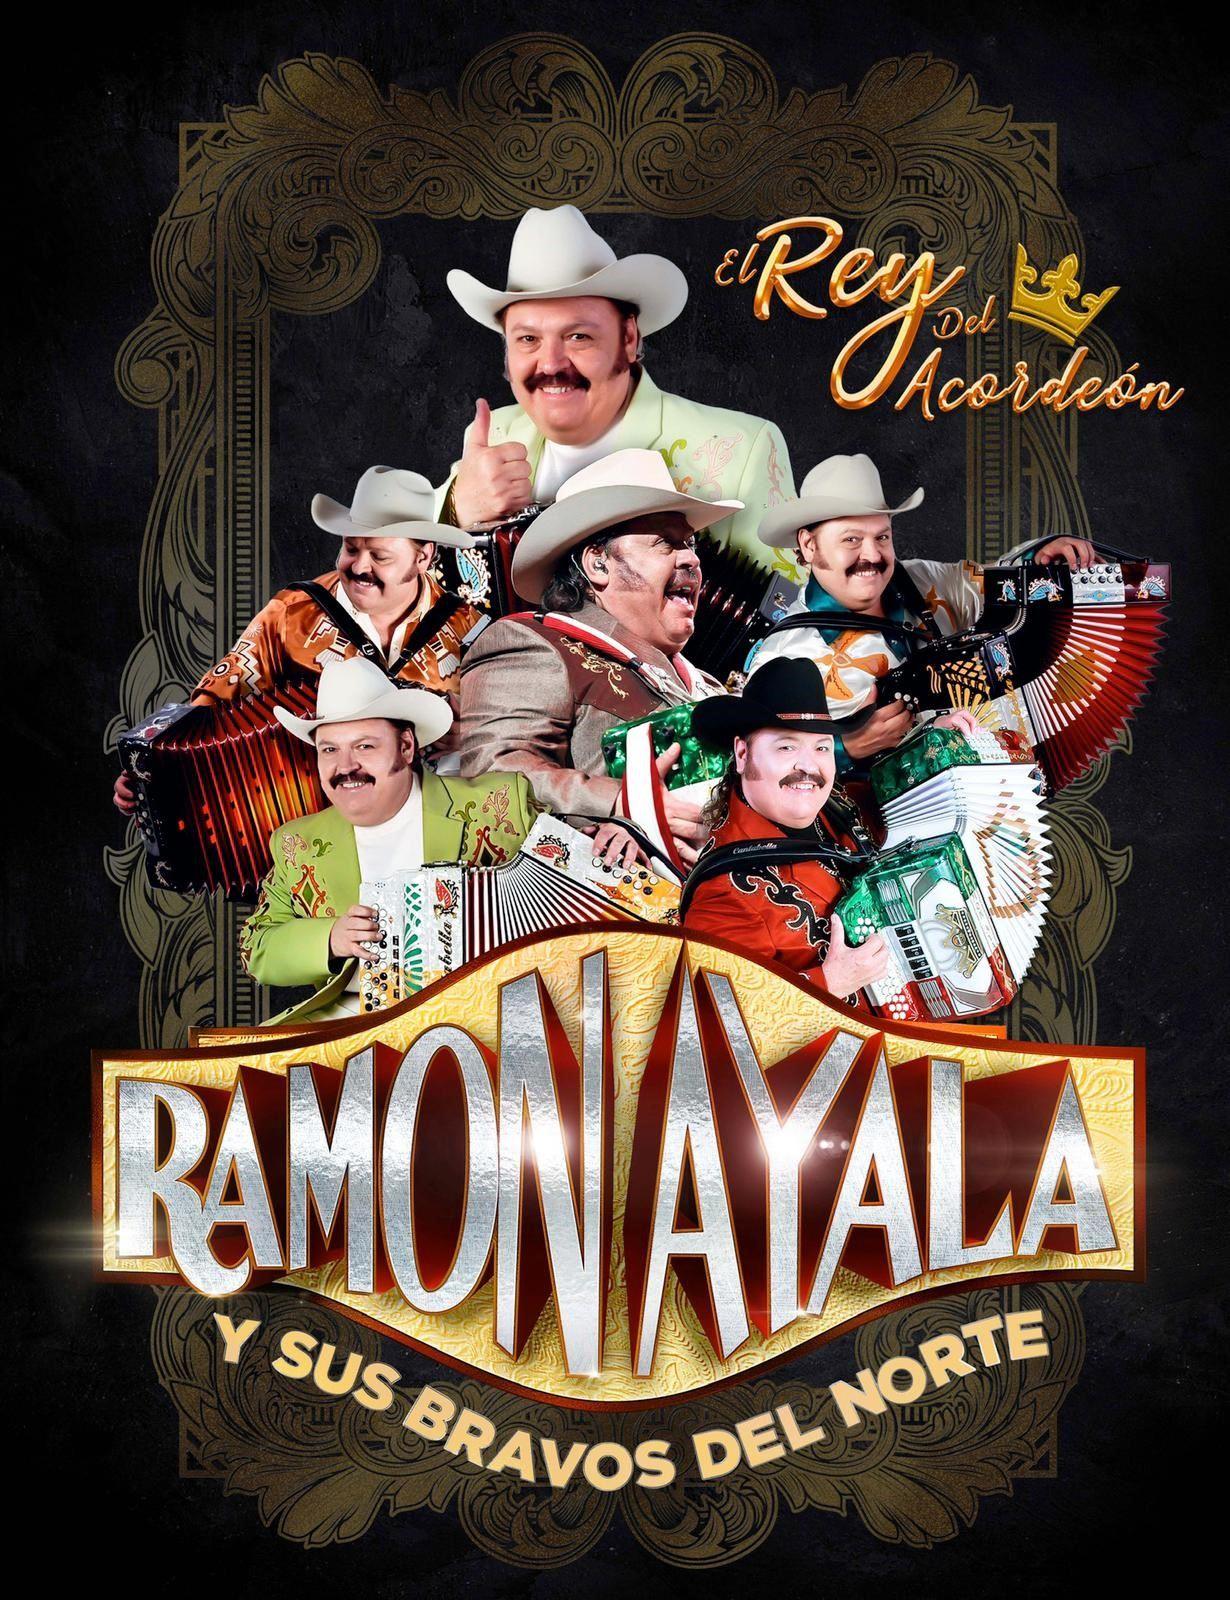 Noche del Vaquero w/ Ramon Ayala y sus Bravos del Norte<br>Sunday, Feb. 20, 2022 at 7 PM